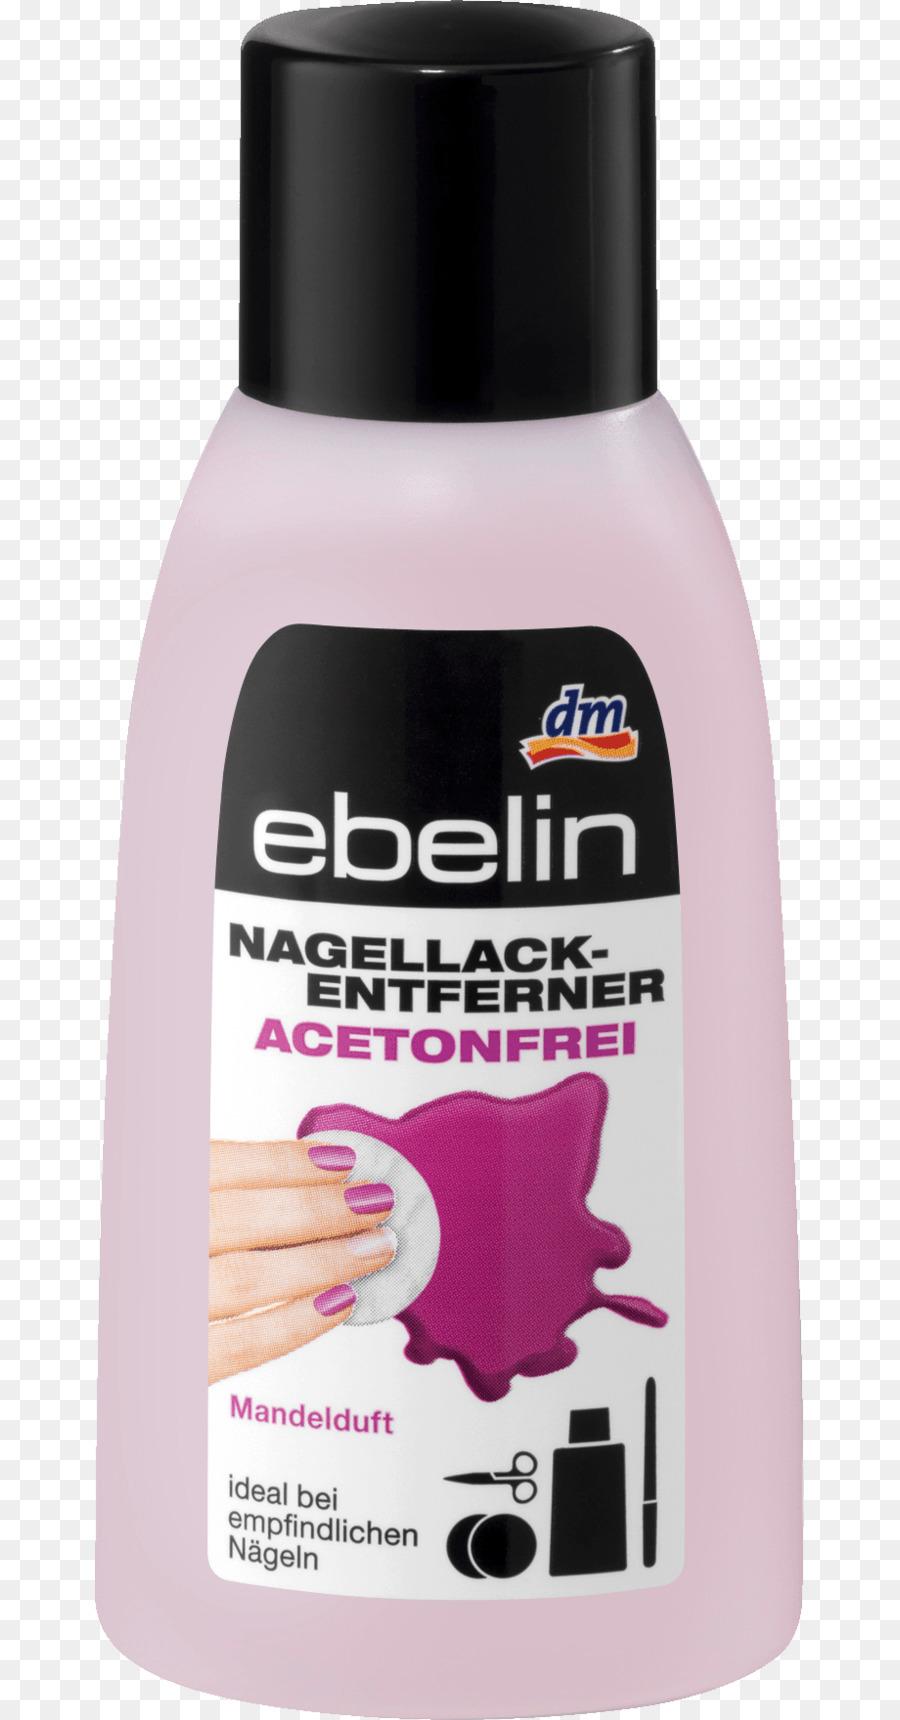 Bekannt Nagellackentferner Mit Aceton-Nagellack-Reiniger - Nagel png ZJ24